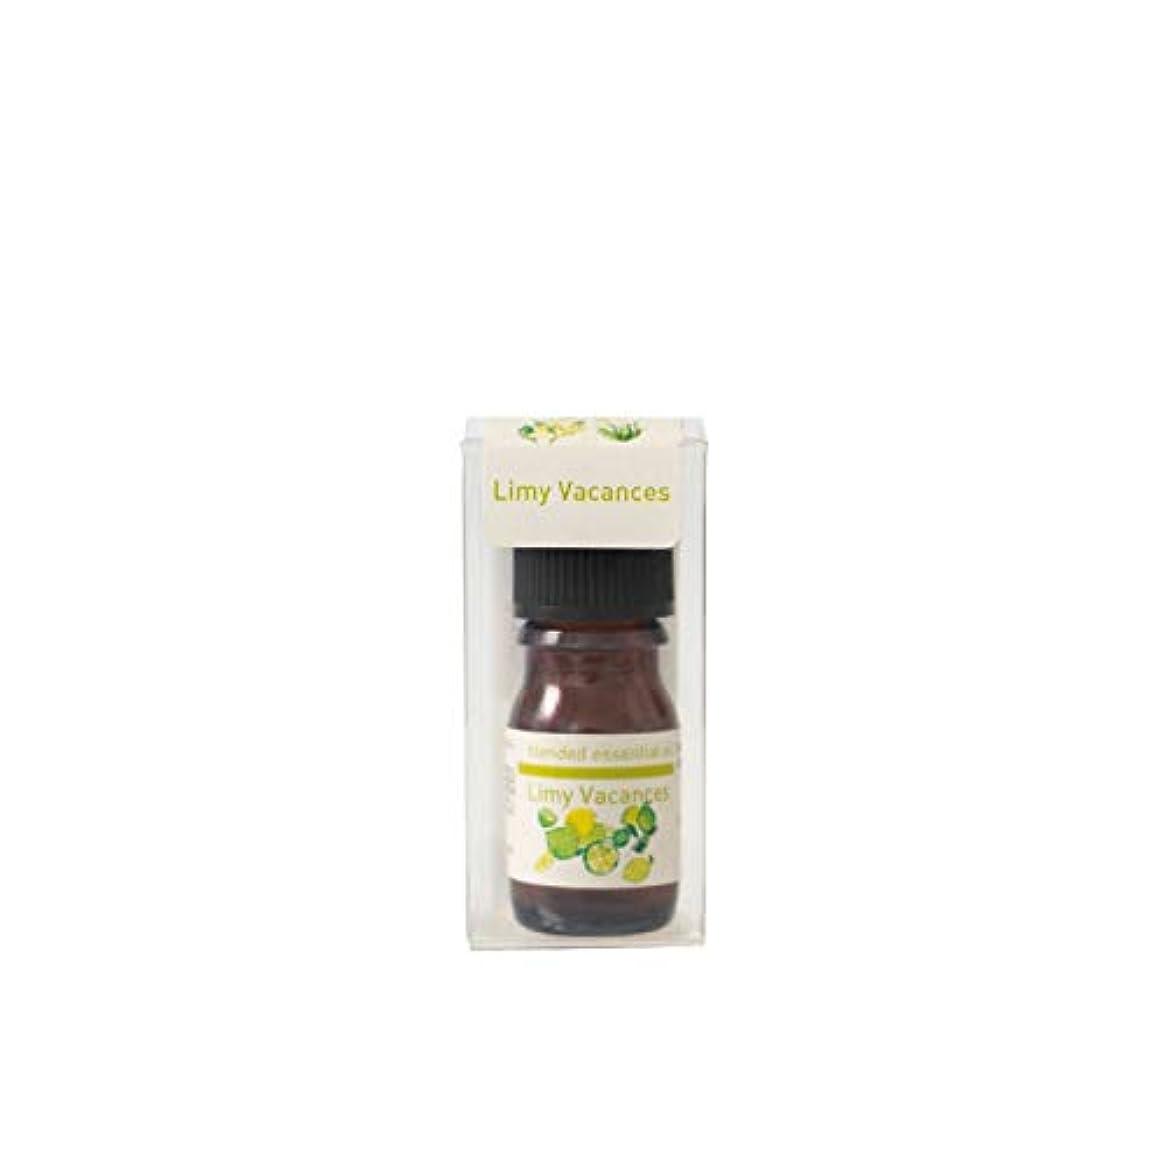 仲良し織機添加生活の木 ブレンドエッセンシャルオイル ライミーバカンス 5ml